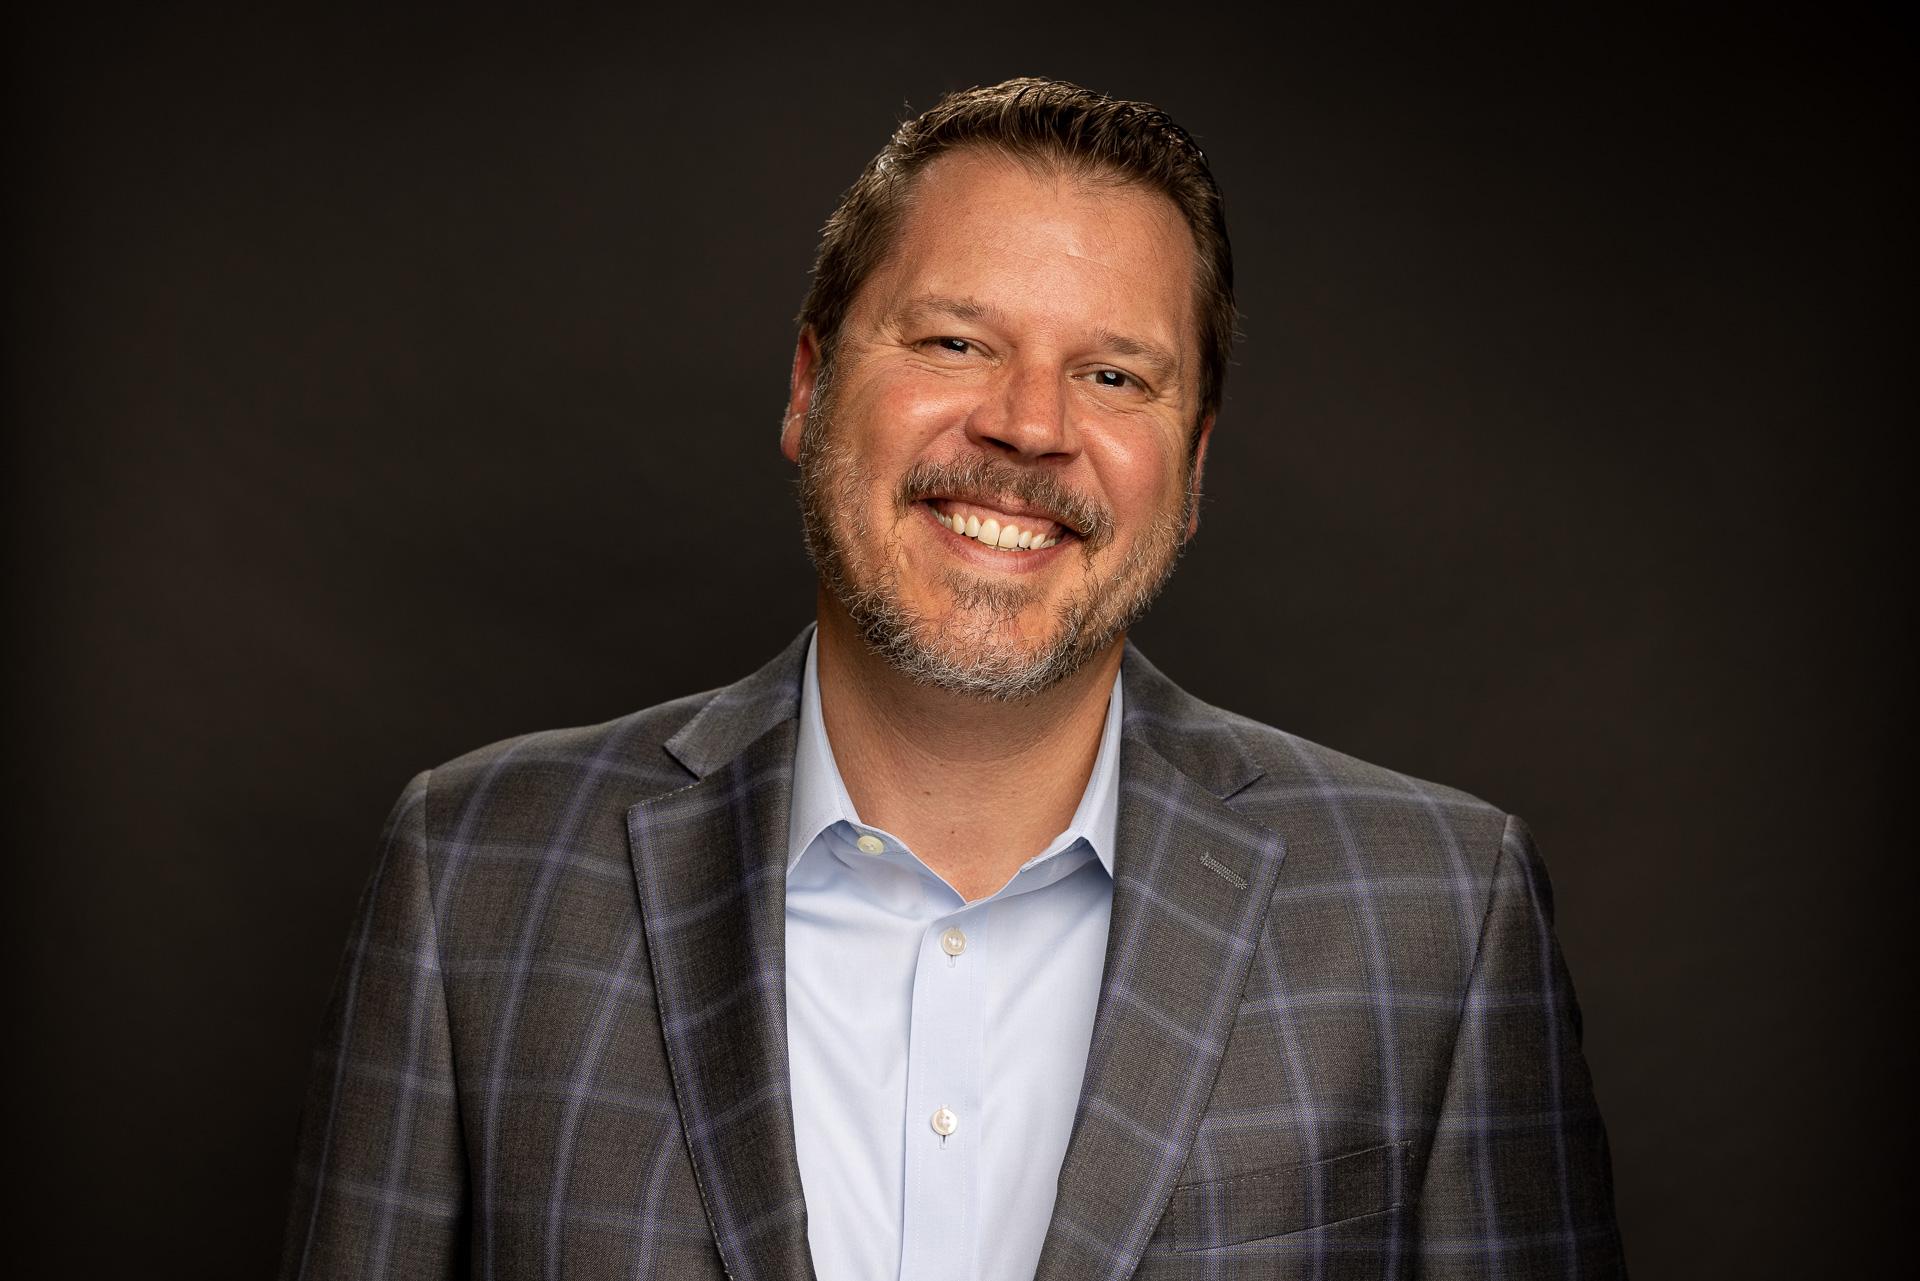 Headshot photo of Josh H. from Experis.